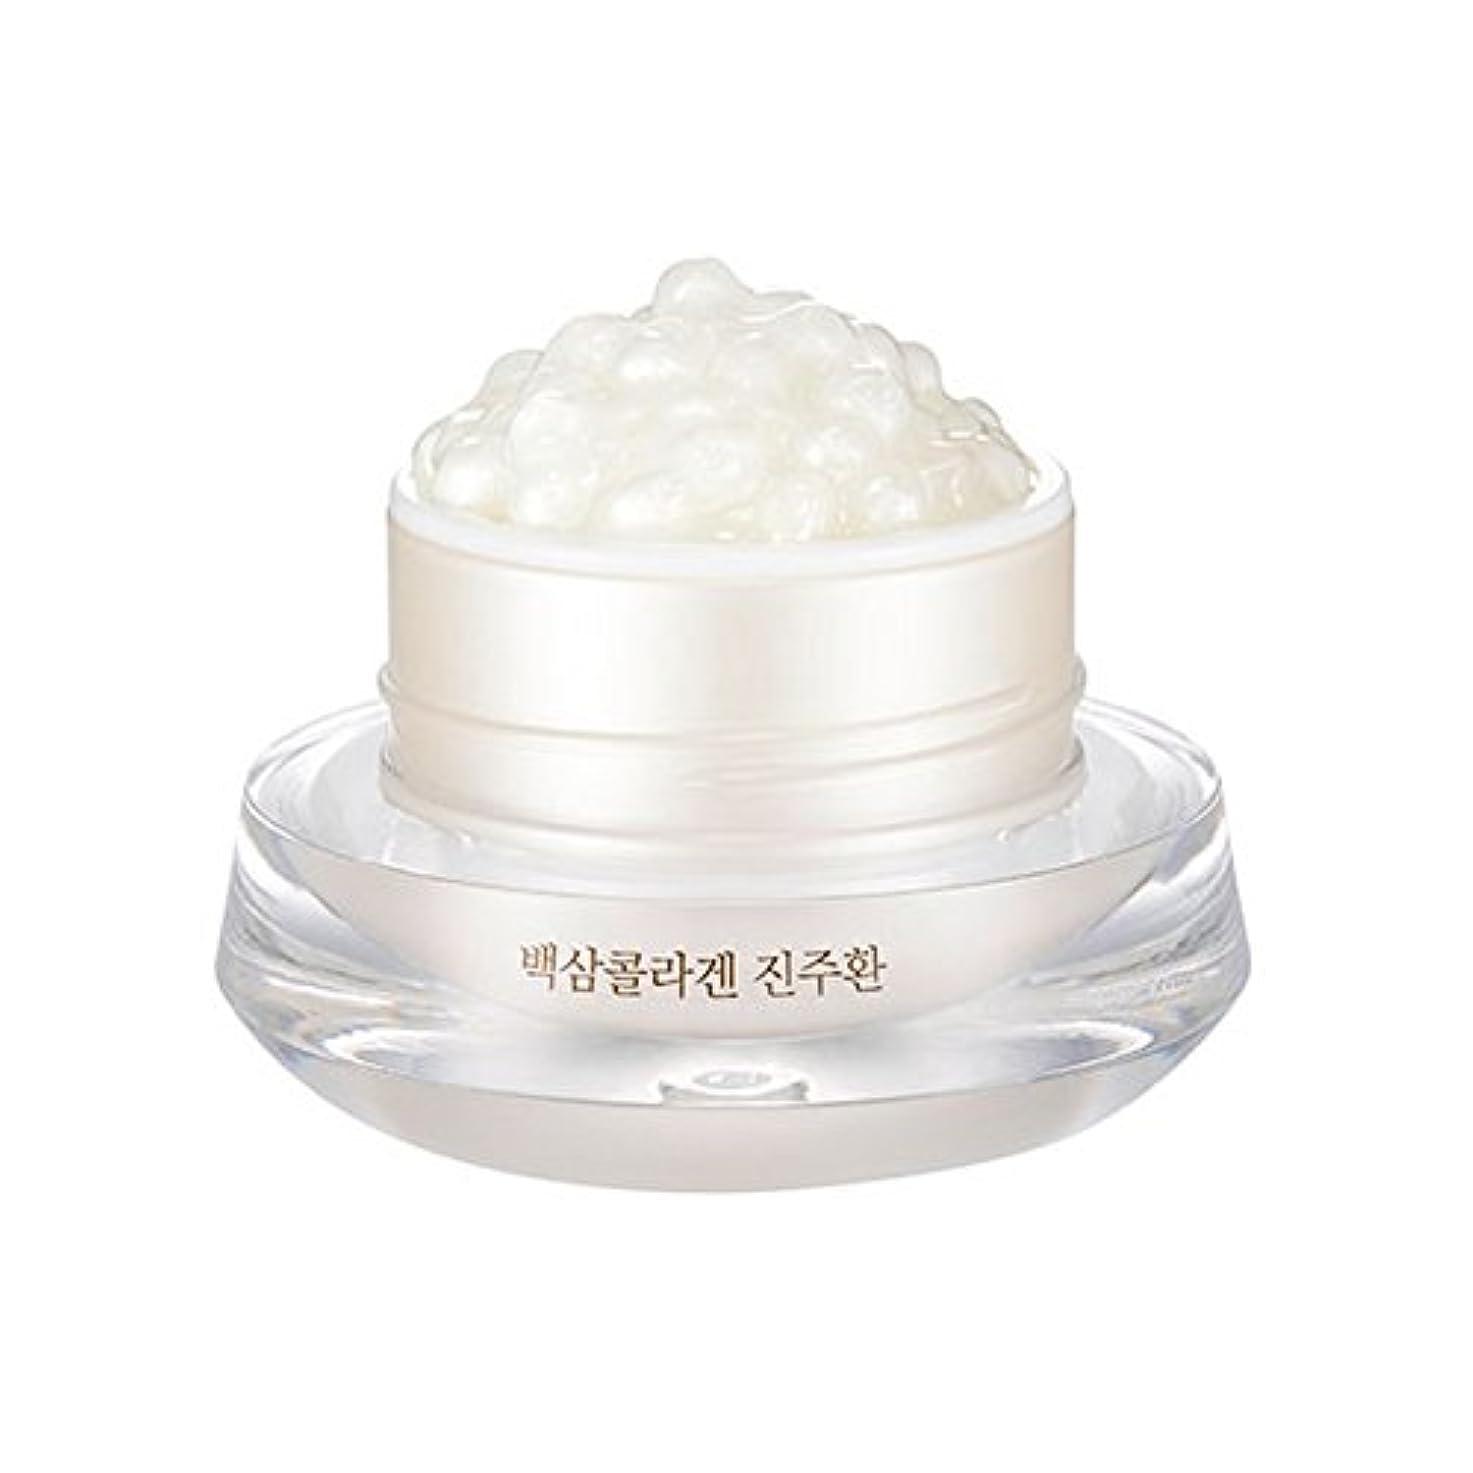 ヒョウ本物の隠す[ザ?フェイスショップ] The Face Shop 白参 コラーゲン パール カプセルクリーム White Ginseng Collagen Pearl Capsule Cream [並行輸入品]